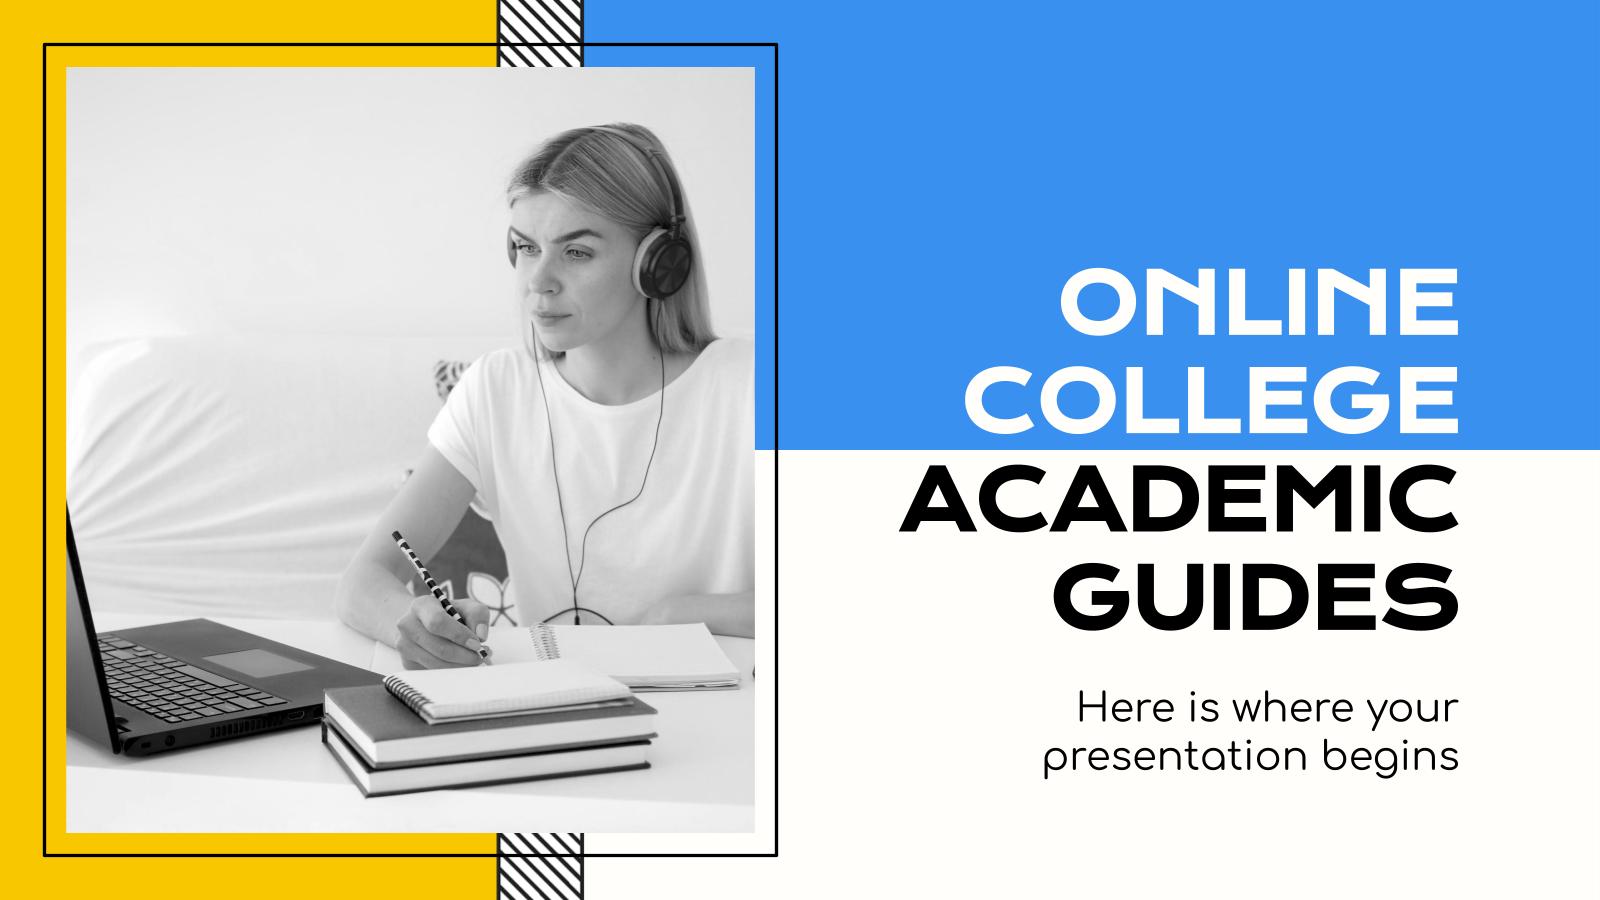 Modelo de apresentação Guia acadêmico online